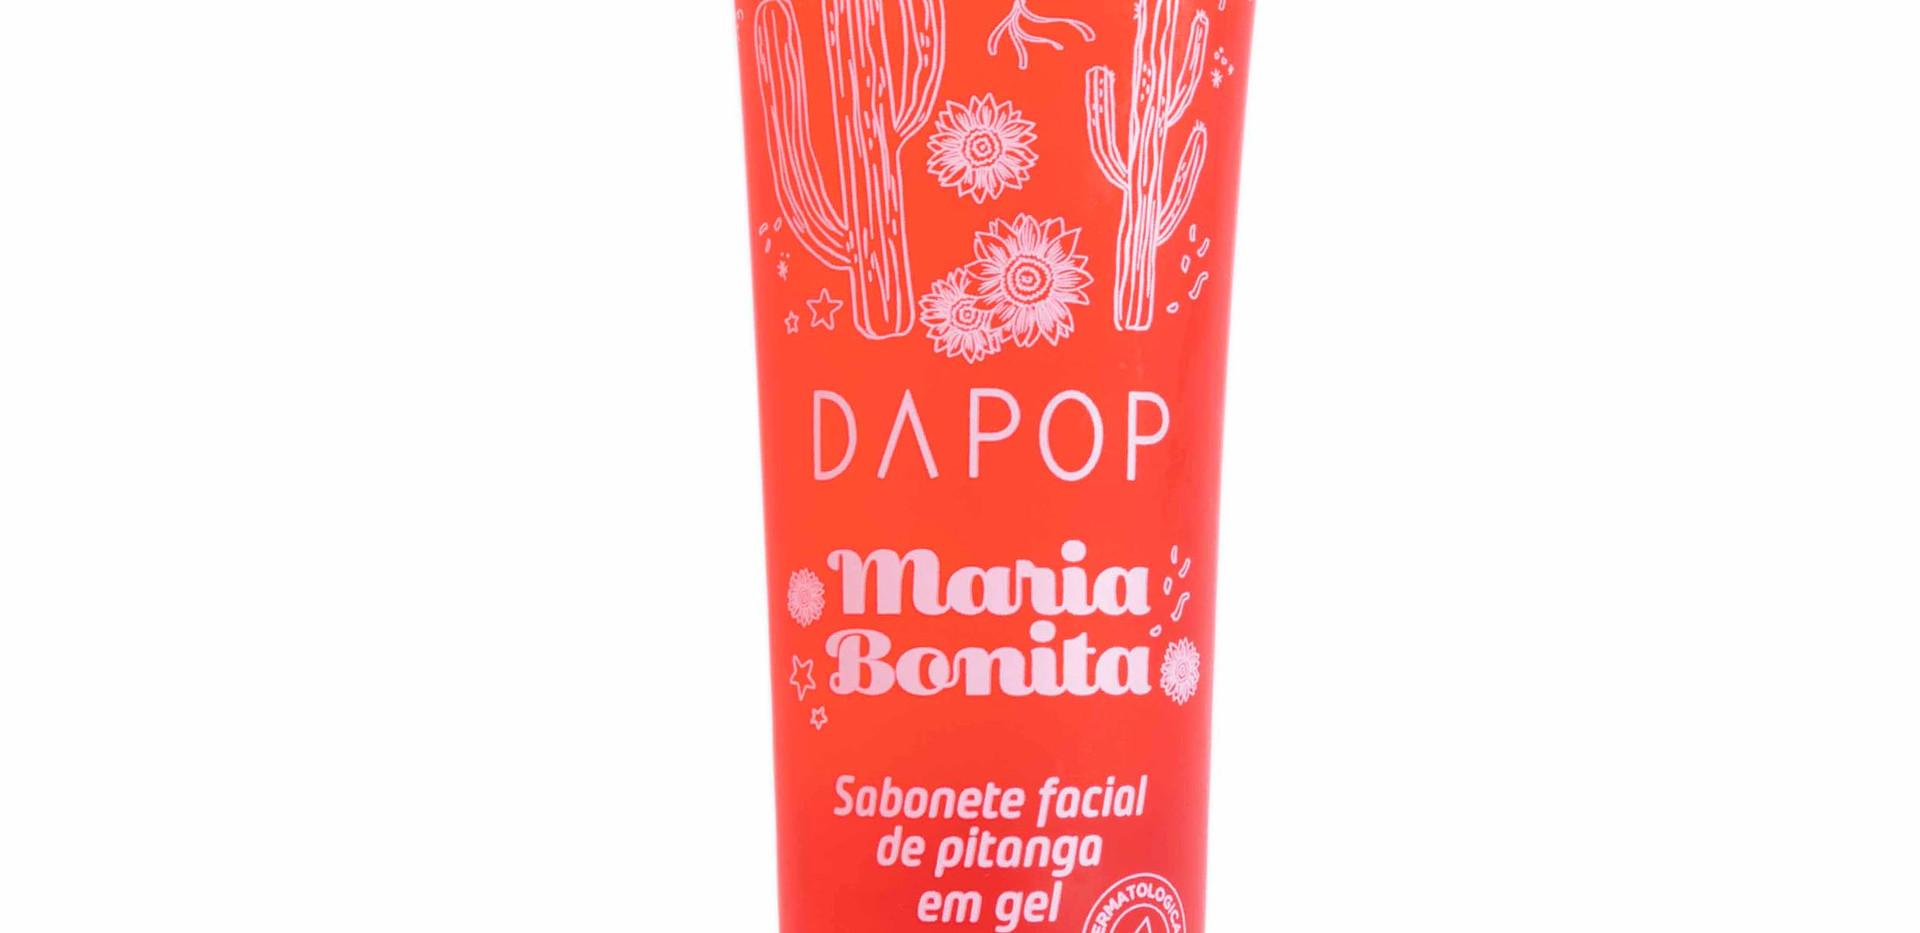 Sabonete Facial de Pitanga Dapop - DP2064